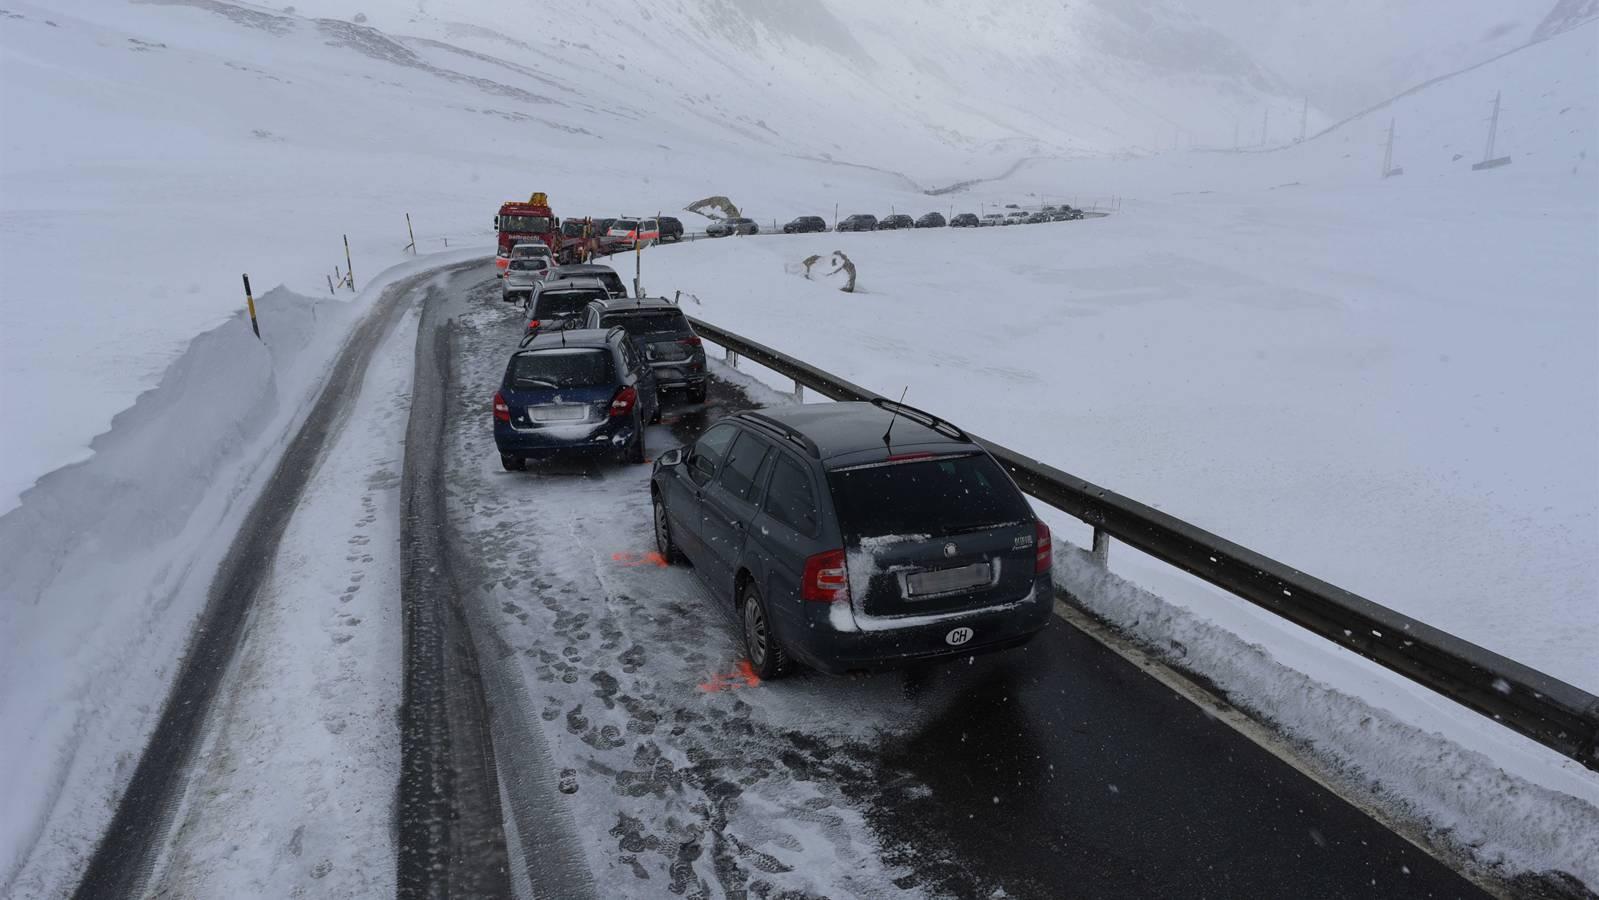 Am Samstagnachmittag kollidierten auf der Julierpassstrasse insgesamt 6 Fahrzeuge.